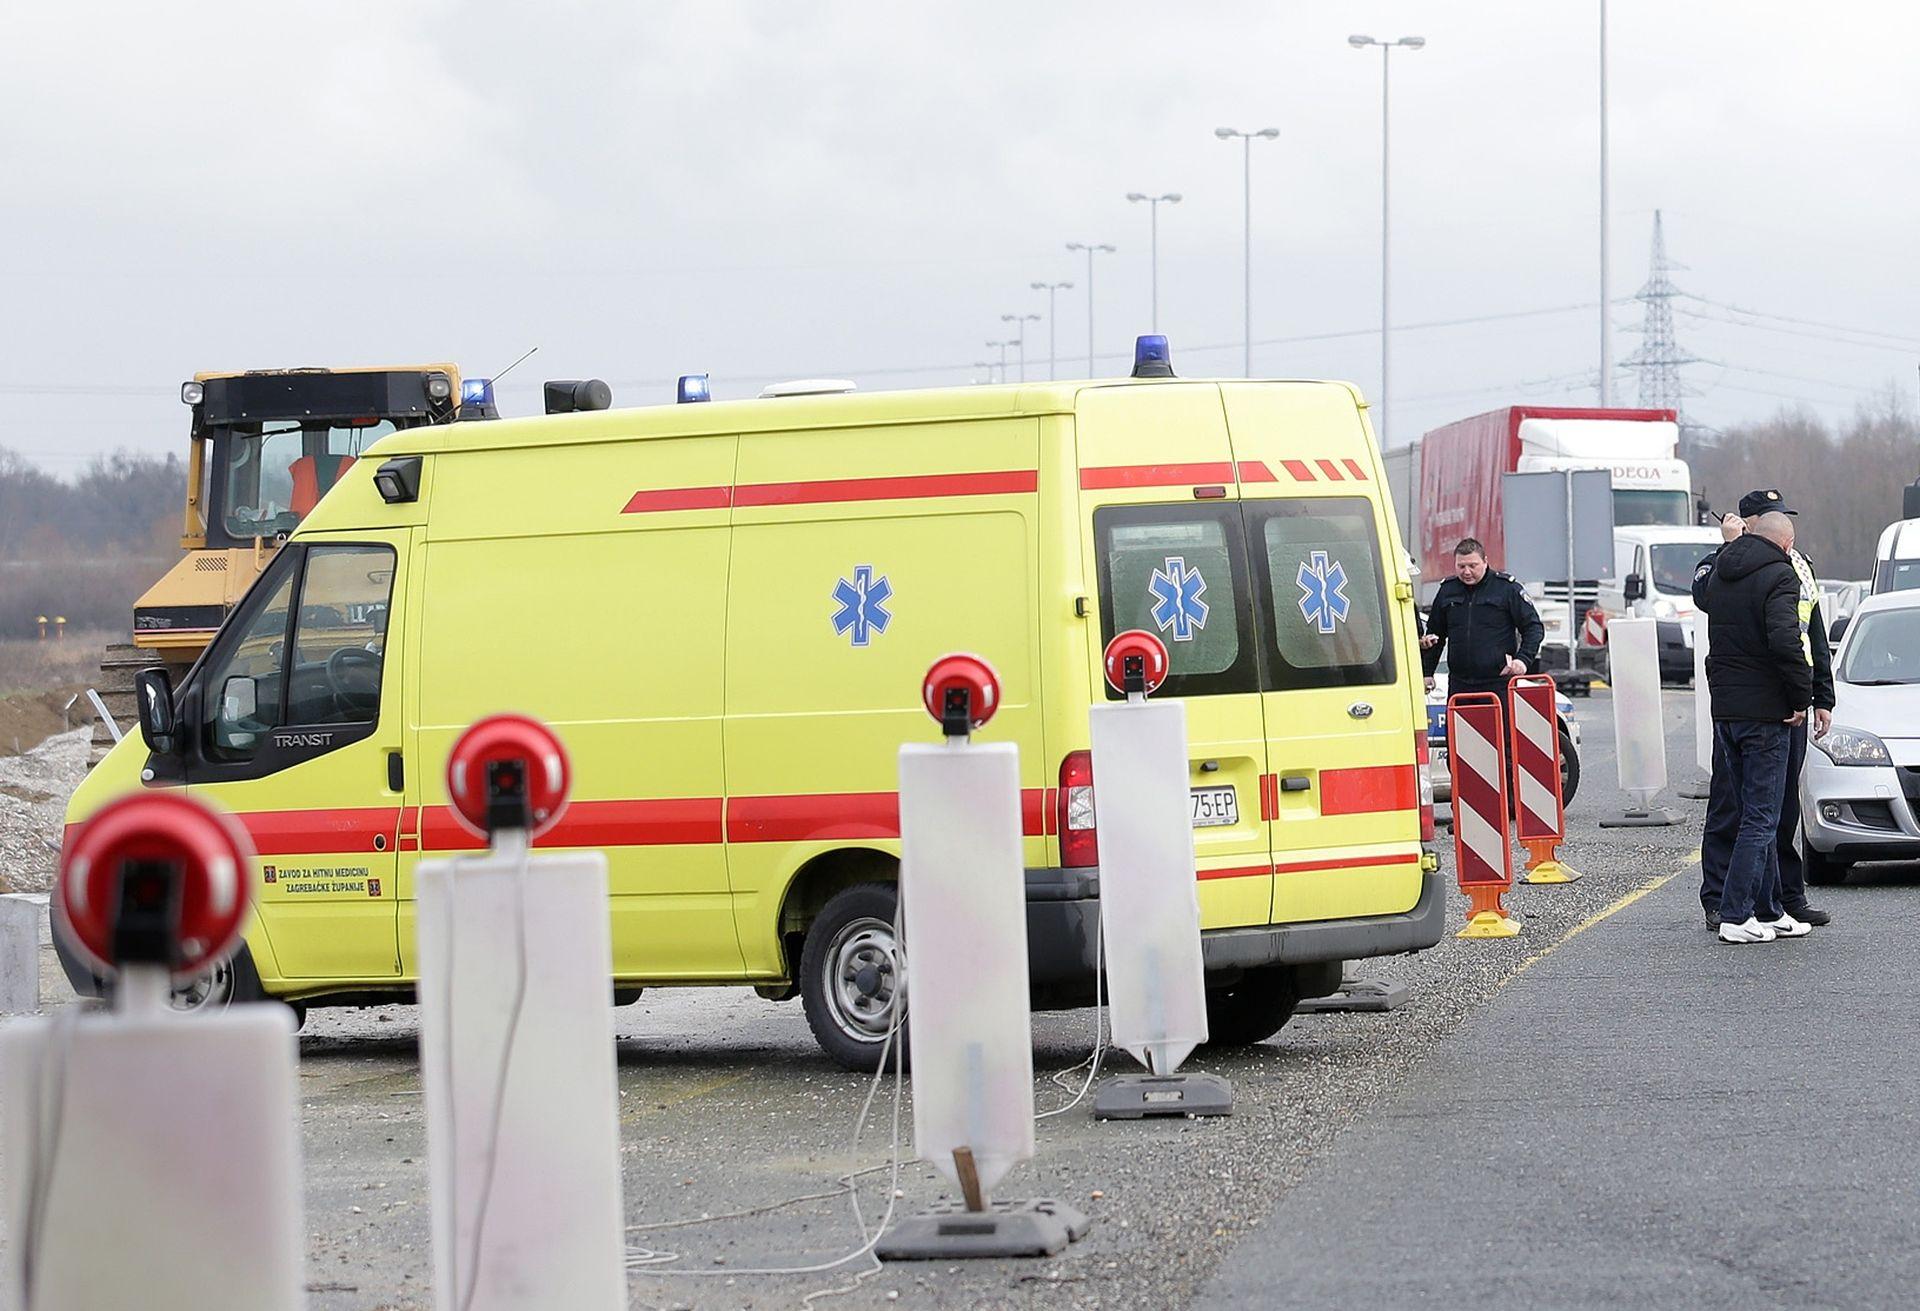 TEŠKA PROMETNA NESREĆA NA A1: Jedna osoba poginula, dvije teže ozlijeđene